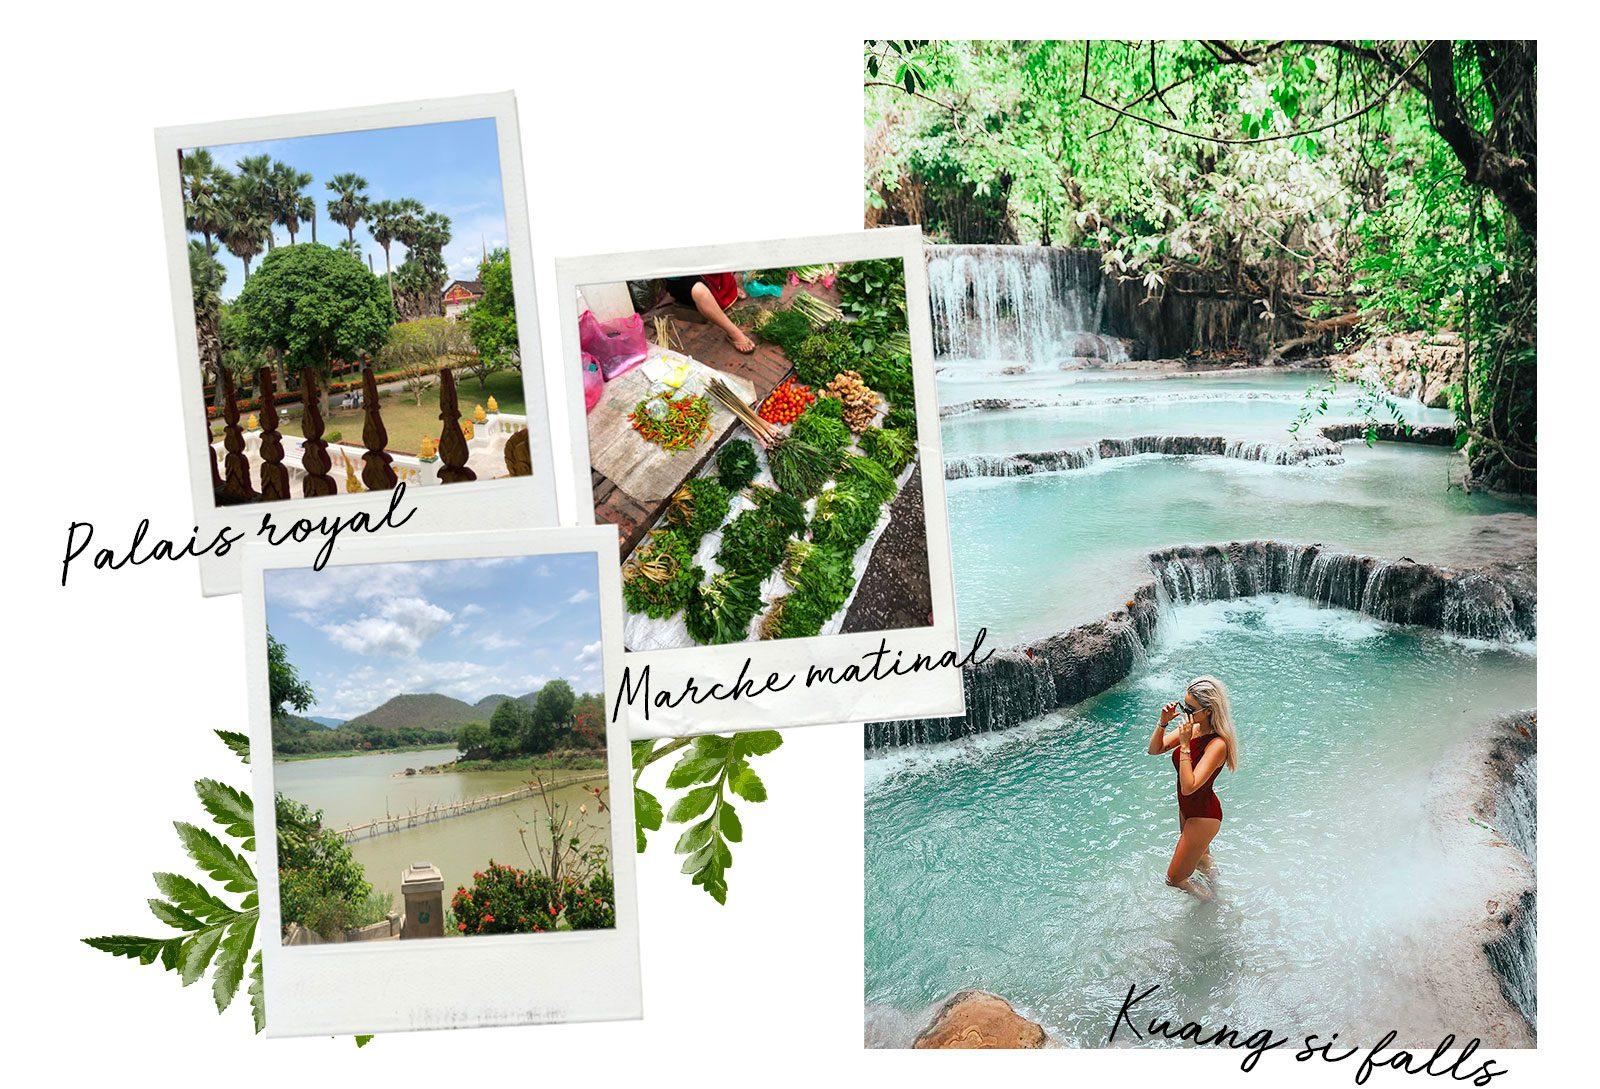 activités luang prabang laos